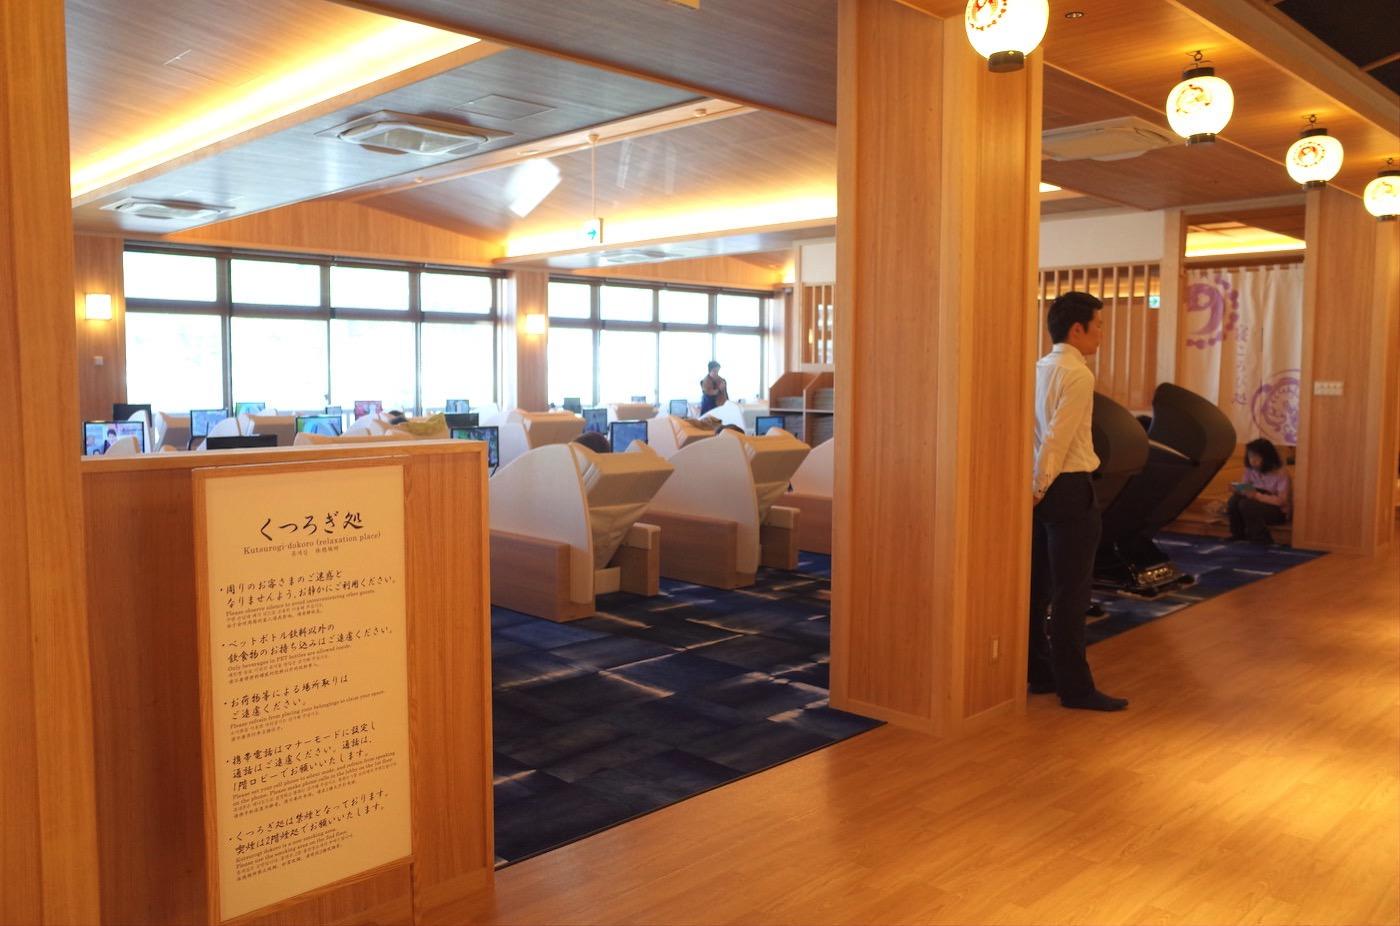 Chichibu ekimae onsen matsuri no yu 00019